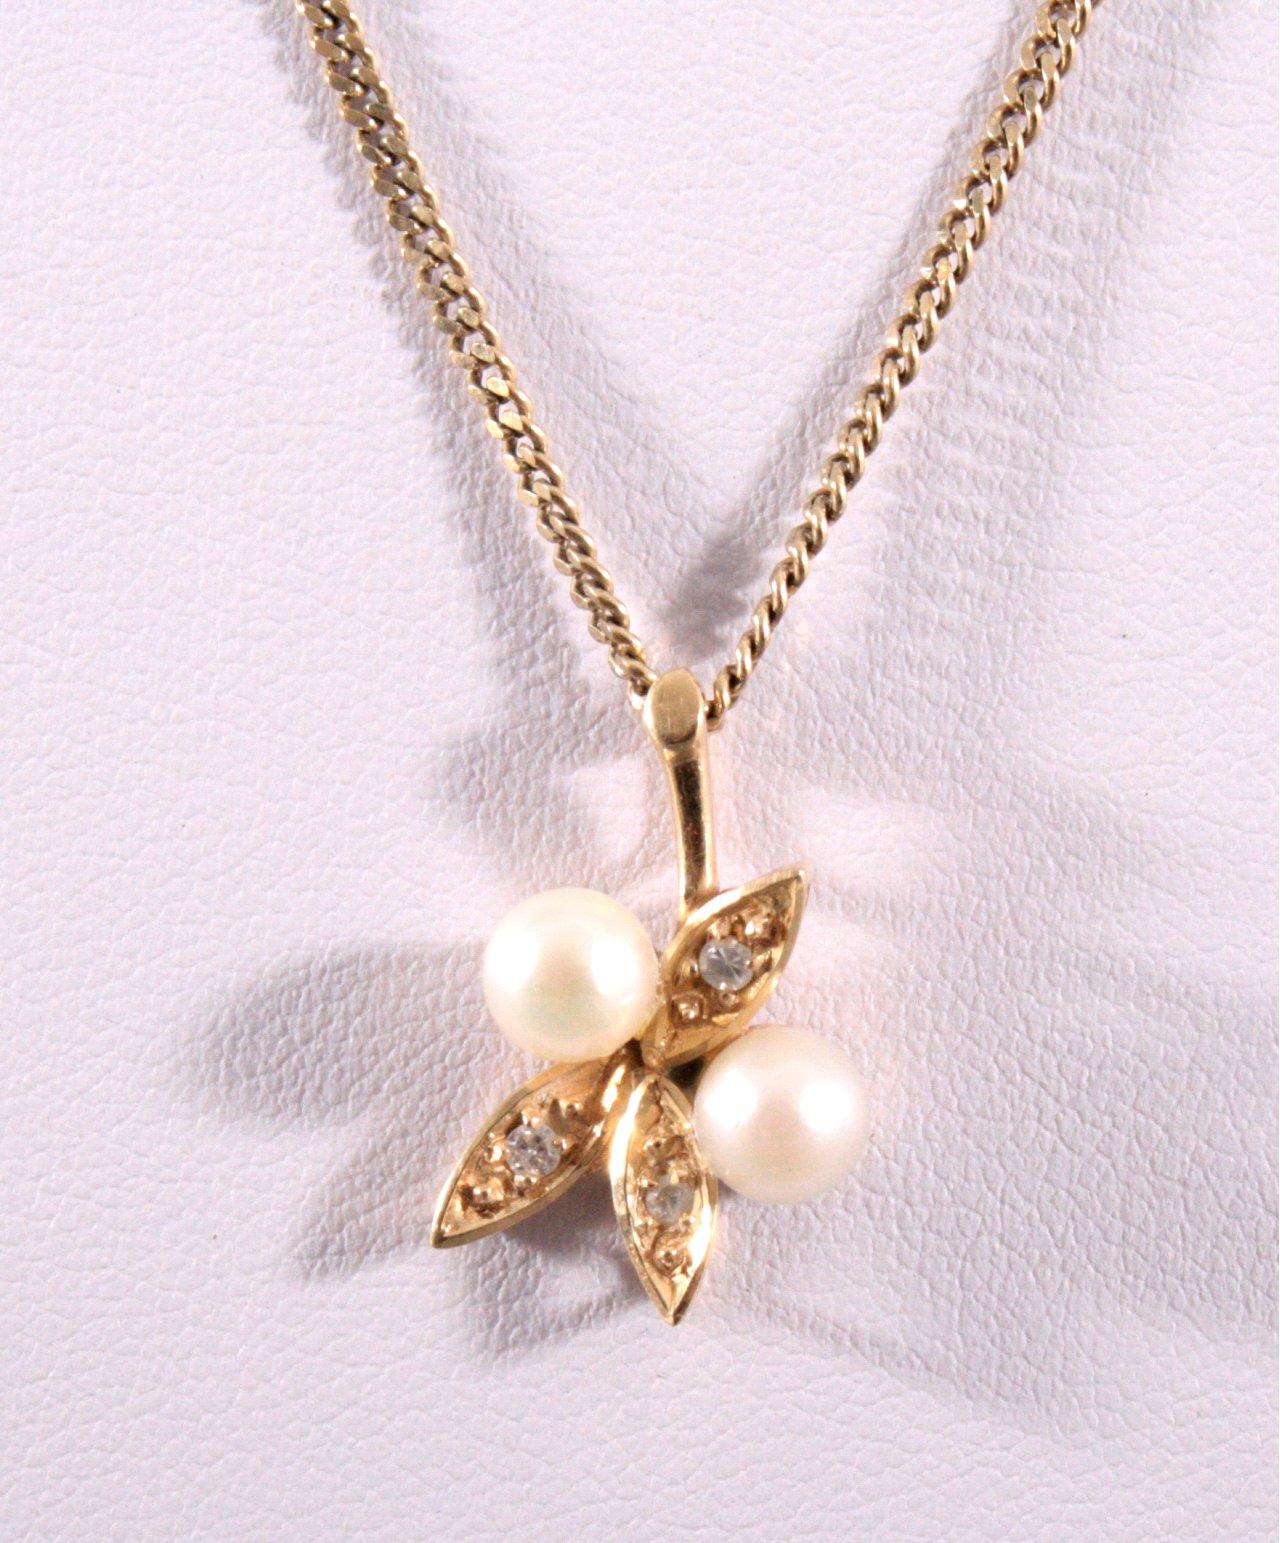 Halskette und Anhänger mit Perlen und Brillanten-1